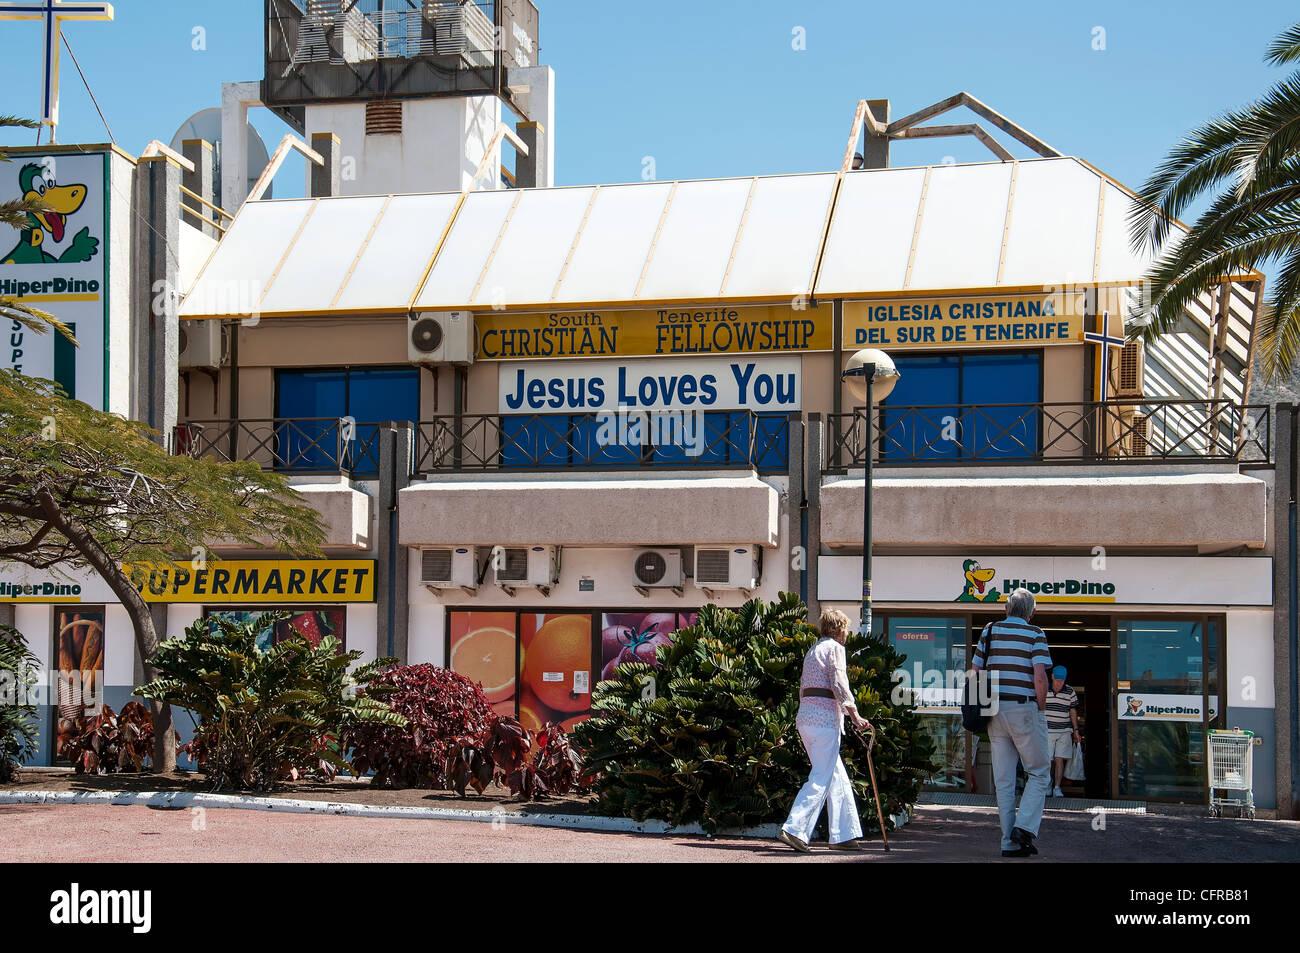 La comunión cristiana, Los Cristianos. Imagen De Stock